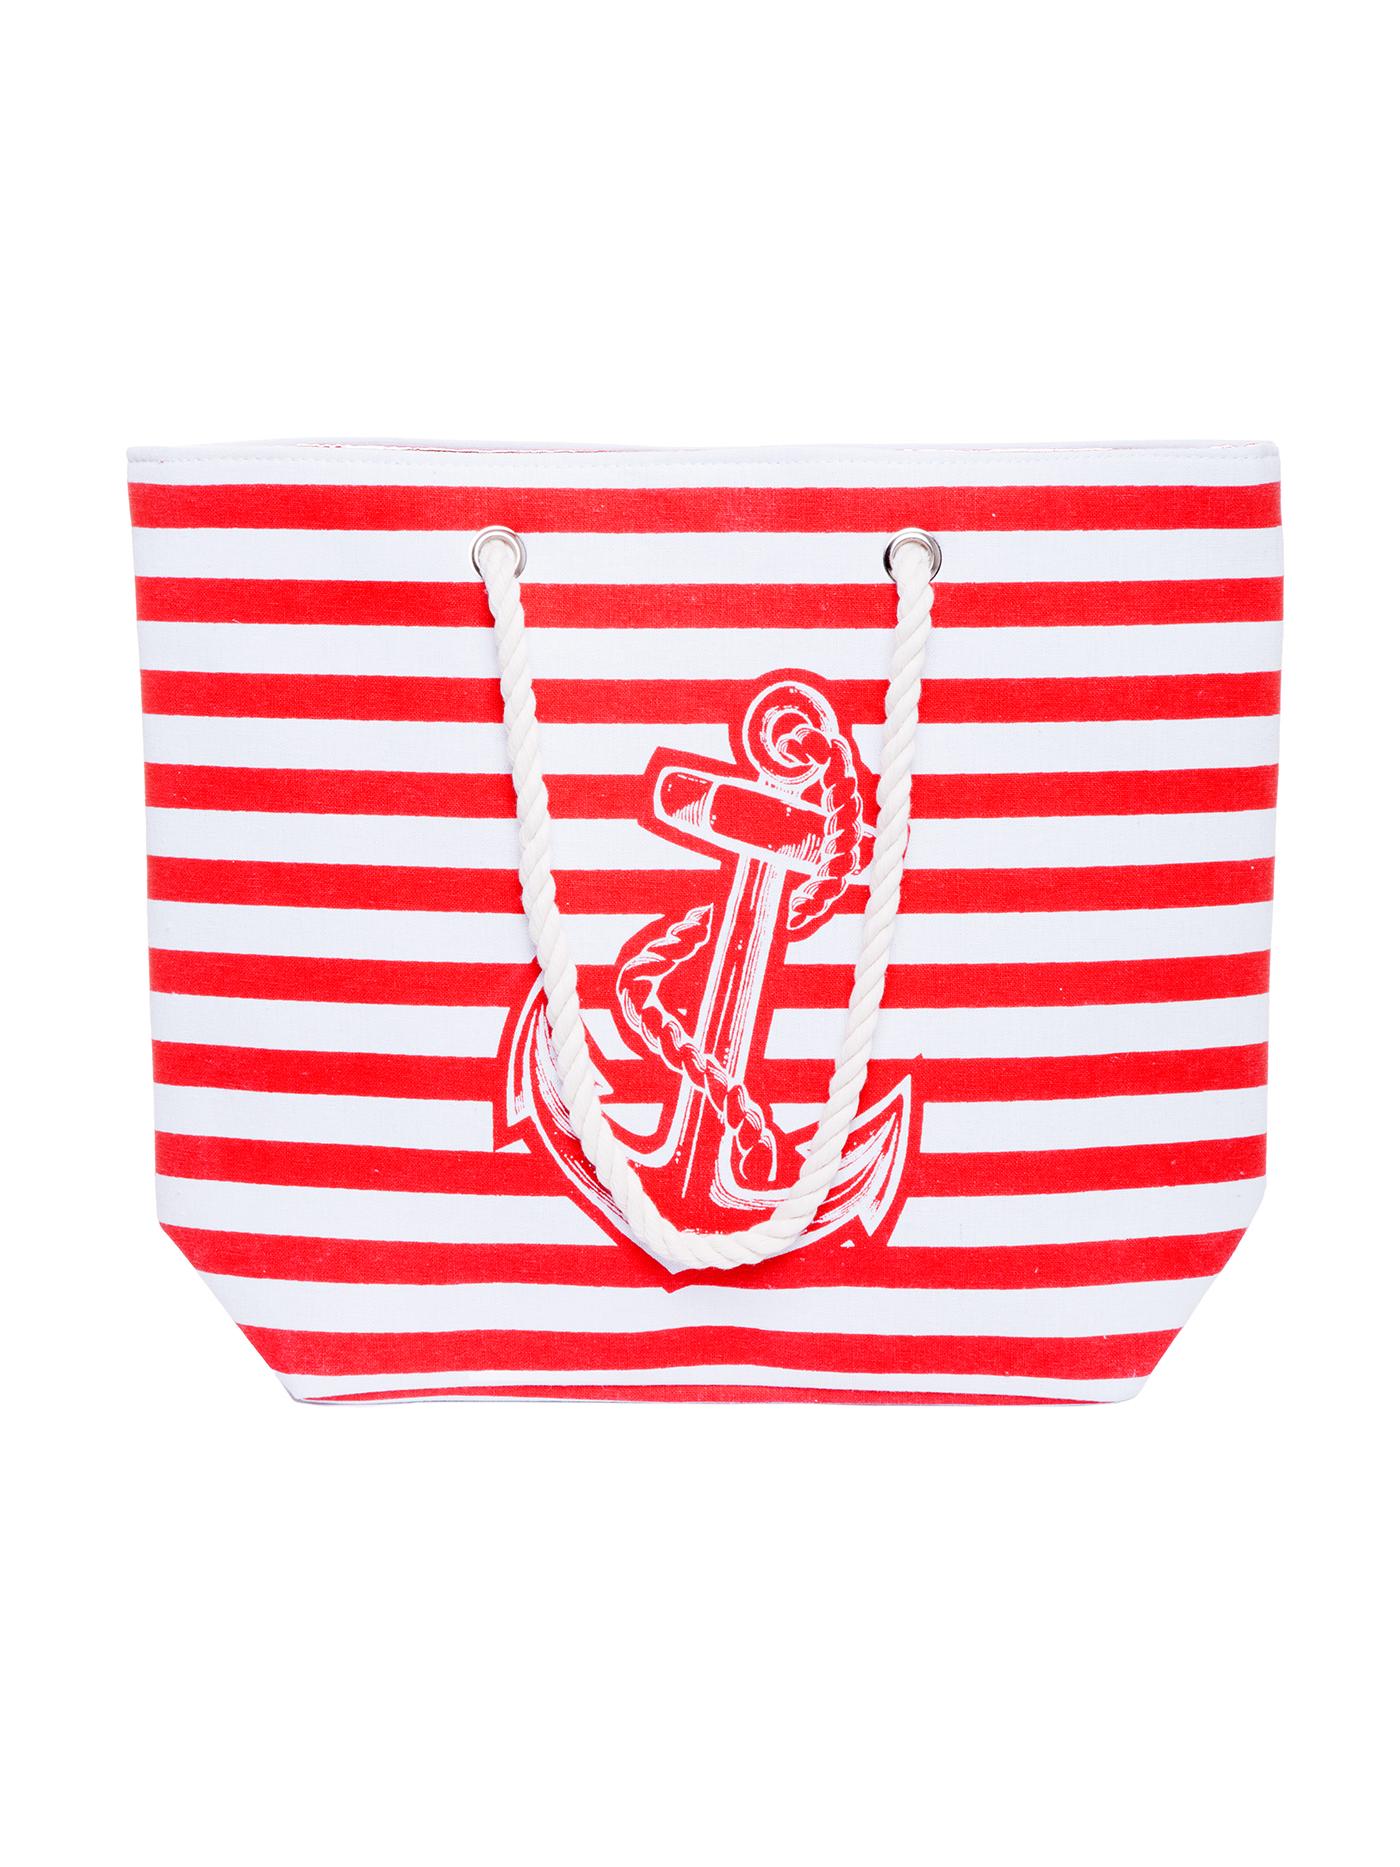 Сумка vendetta beach bagsБюстье<br>сумка<br><br>Цвет: Разноцветный<br>Декор: Без декора<br>Стилистика: Без стилистики<br>Направление: Бюстье<br>Пол: Женский<br>Материал: 70%ПЭ;30% ХЛОПОК<br>Размер: -